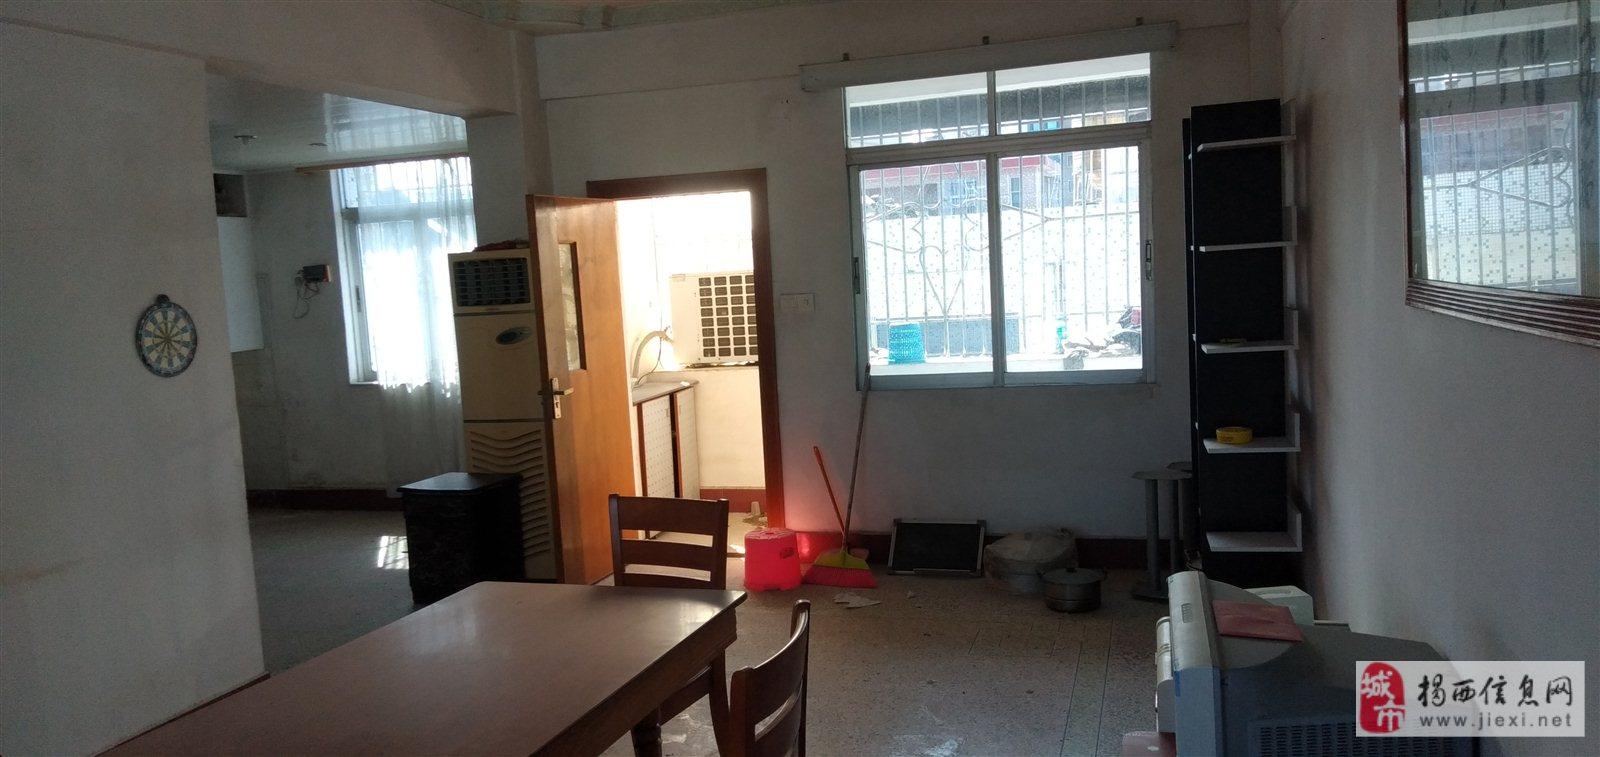 急賣老鏡廠,軍田居委南苑3室 2廳 1衛33萬元